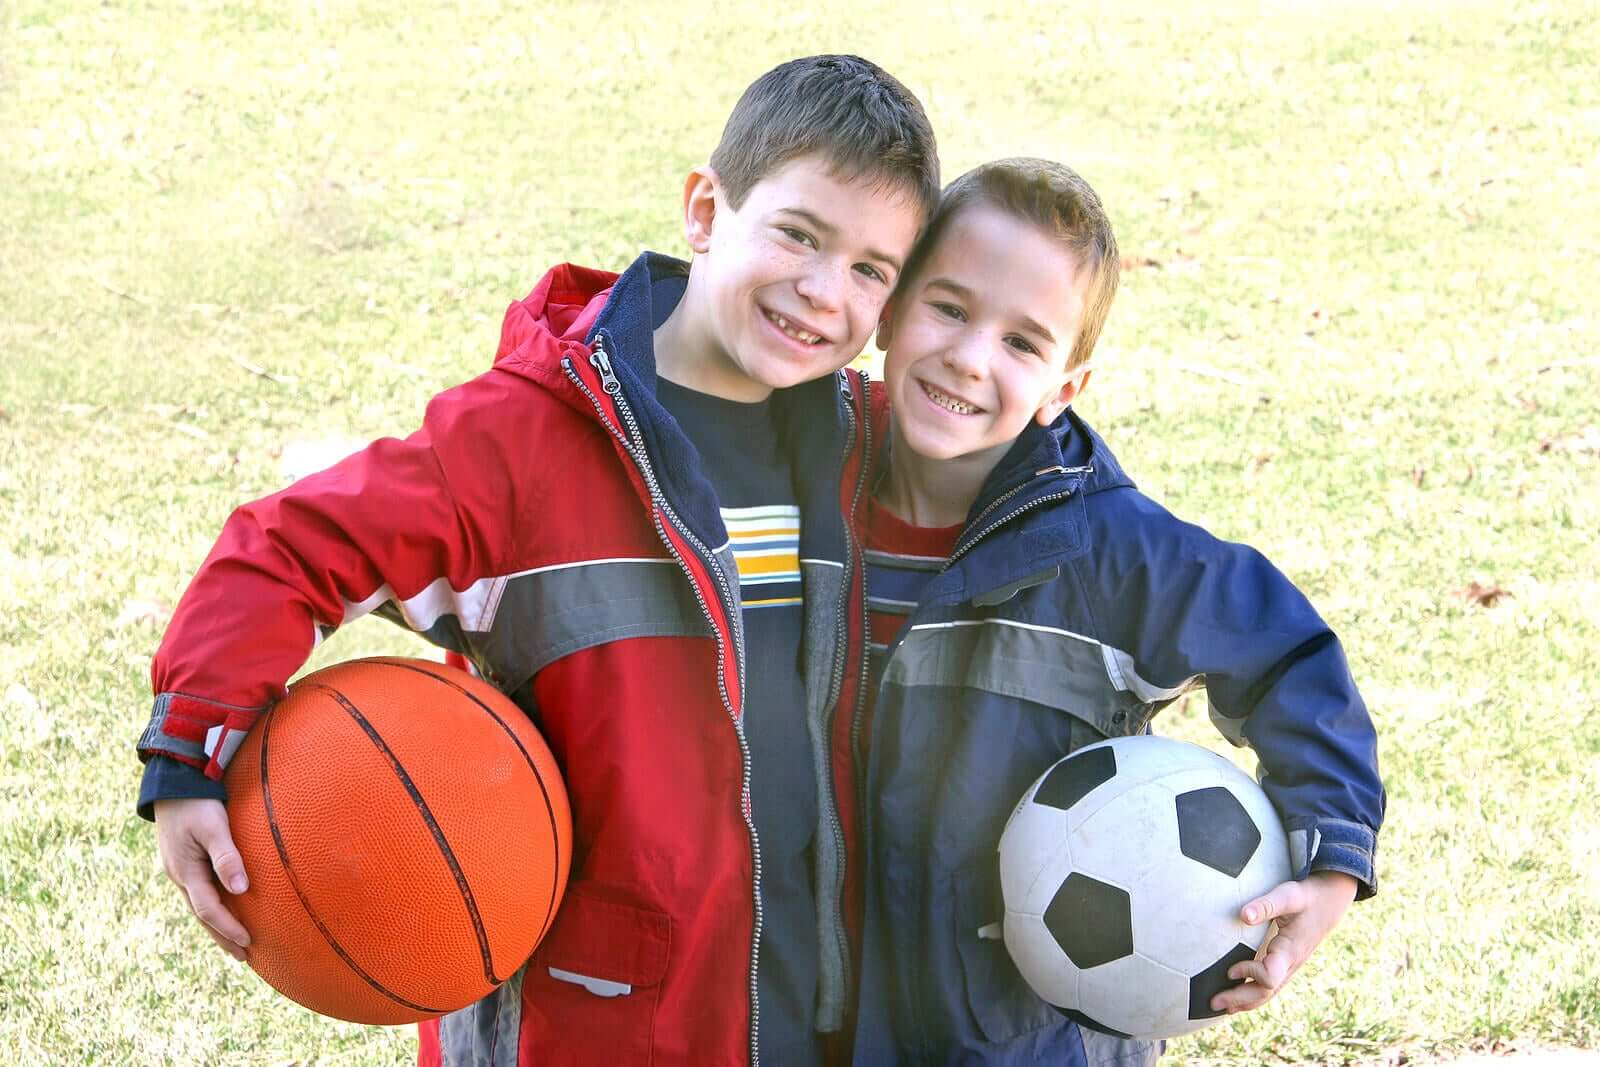 Os melhores esportes para crianças